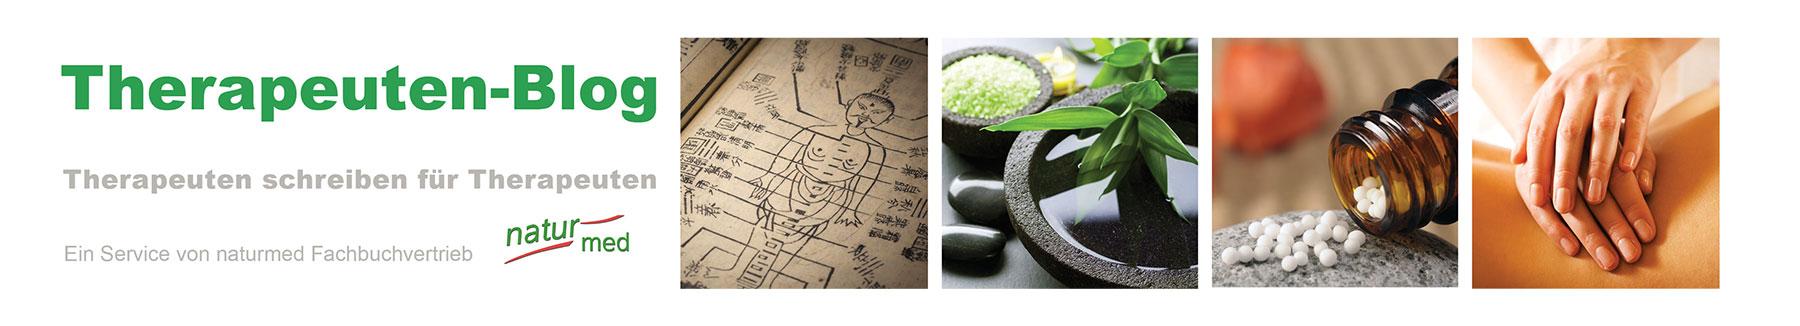 Naturmed Nlog - Therapeuten Fachbuchblog